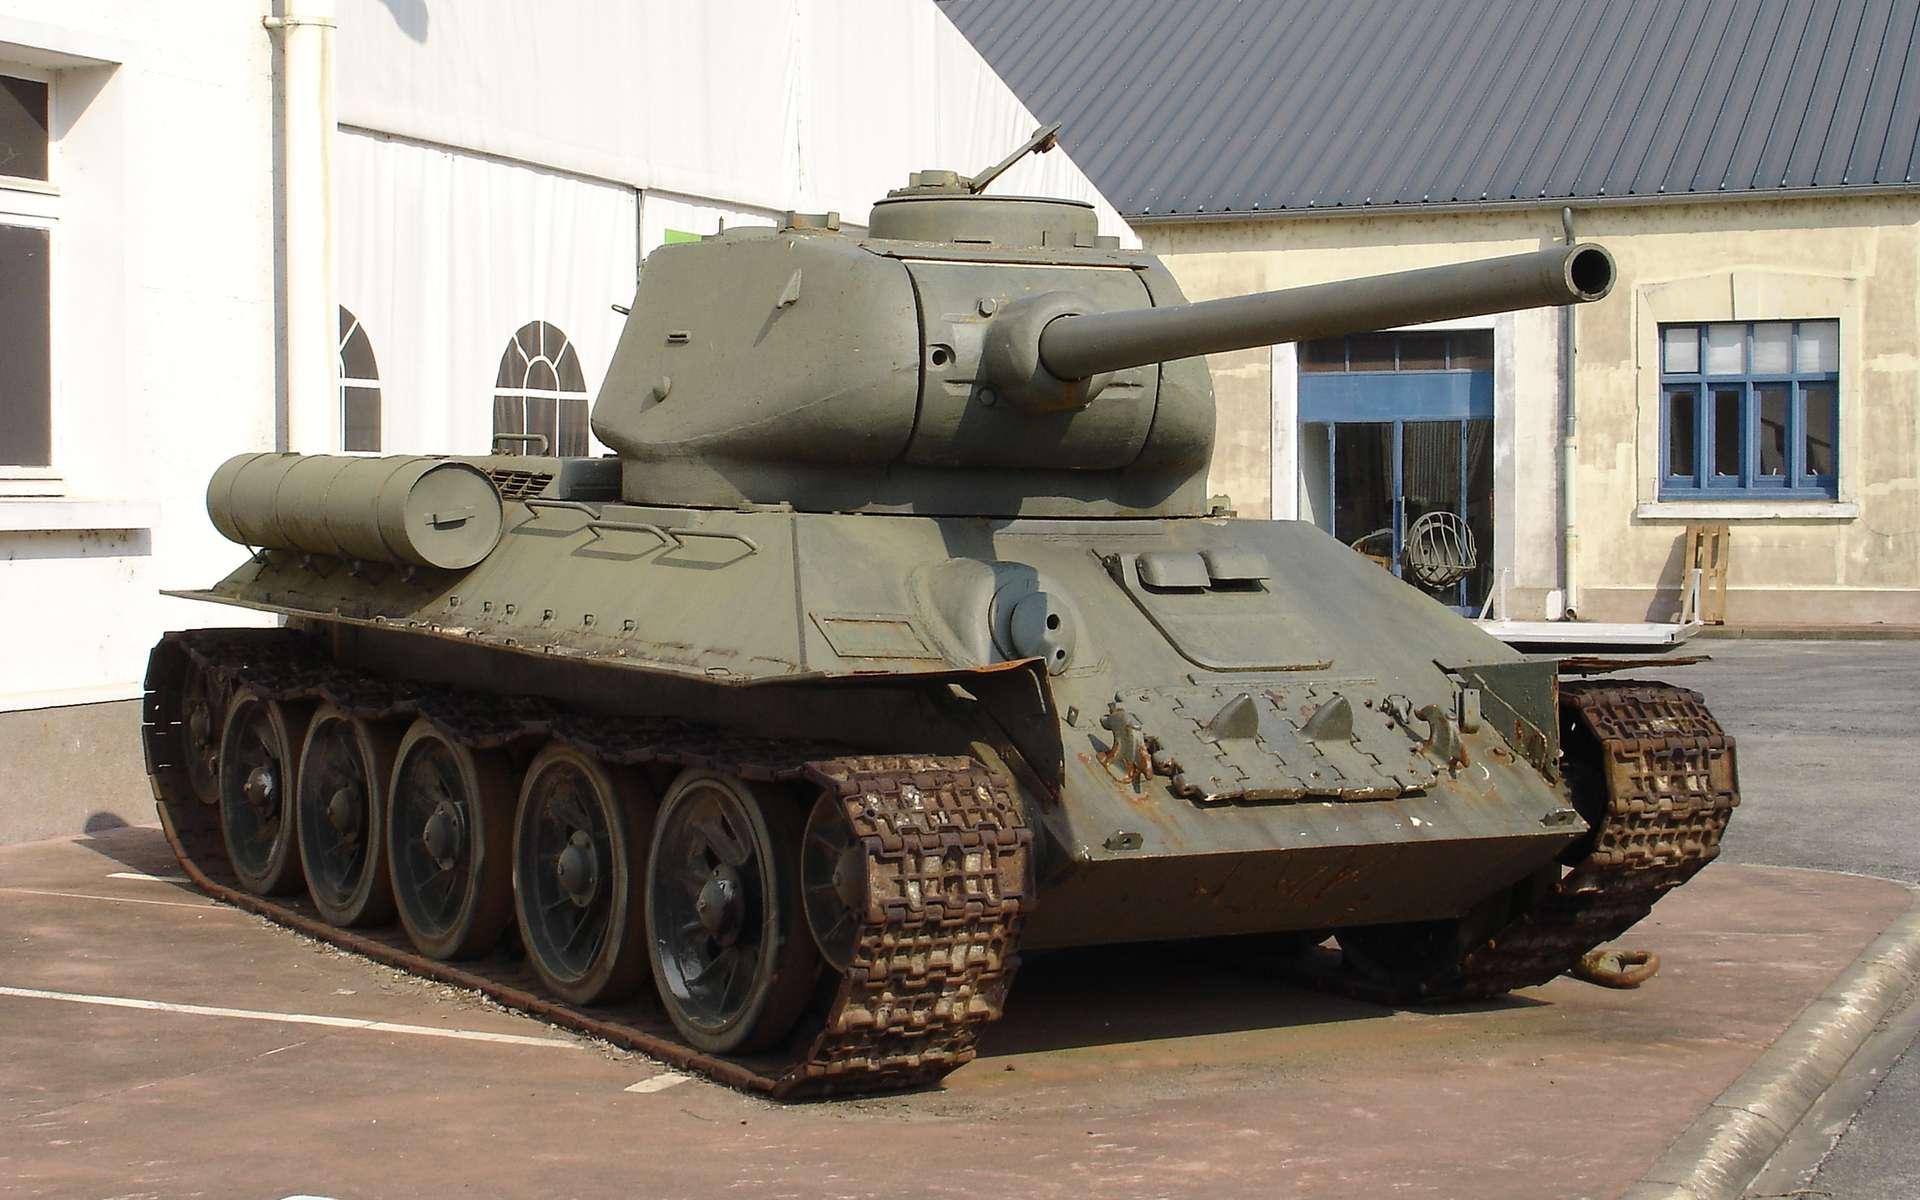 Le célèbre T-34 russe a été l'un des chars de la Seconde Guerre mondiale les plus utilisés. © Antonov14, Wikimedia Commons, CC by-sa 2.5